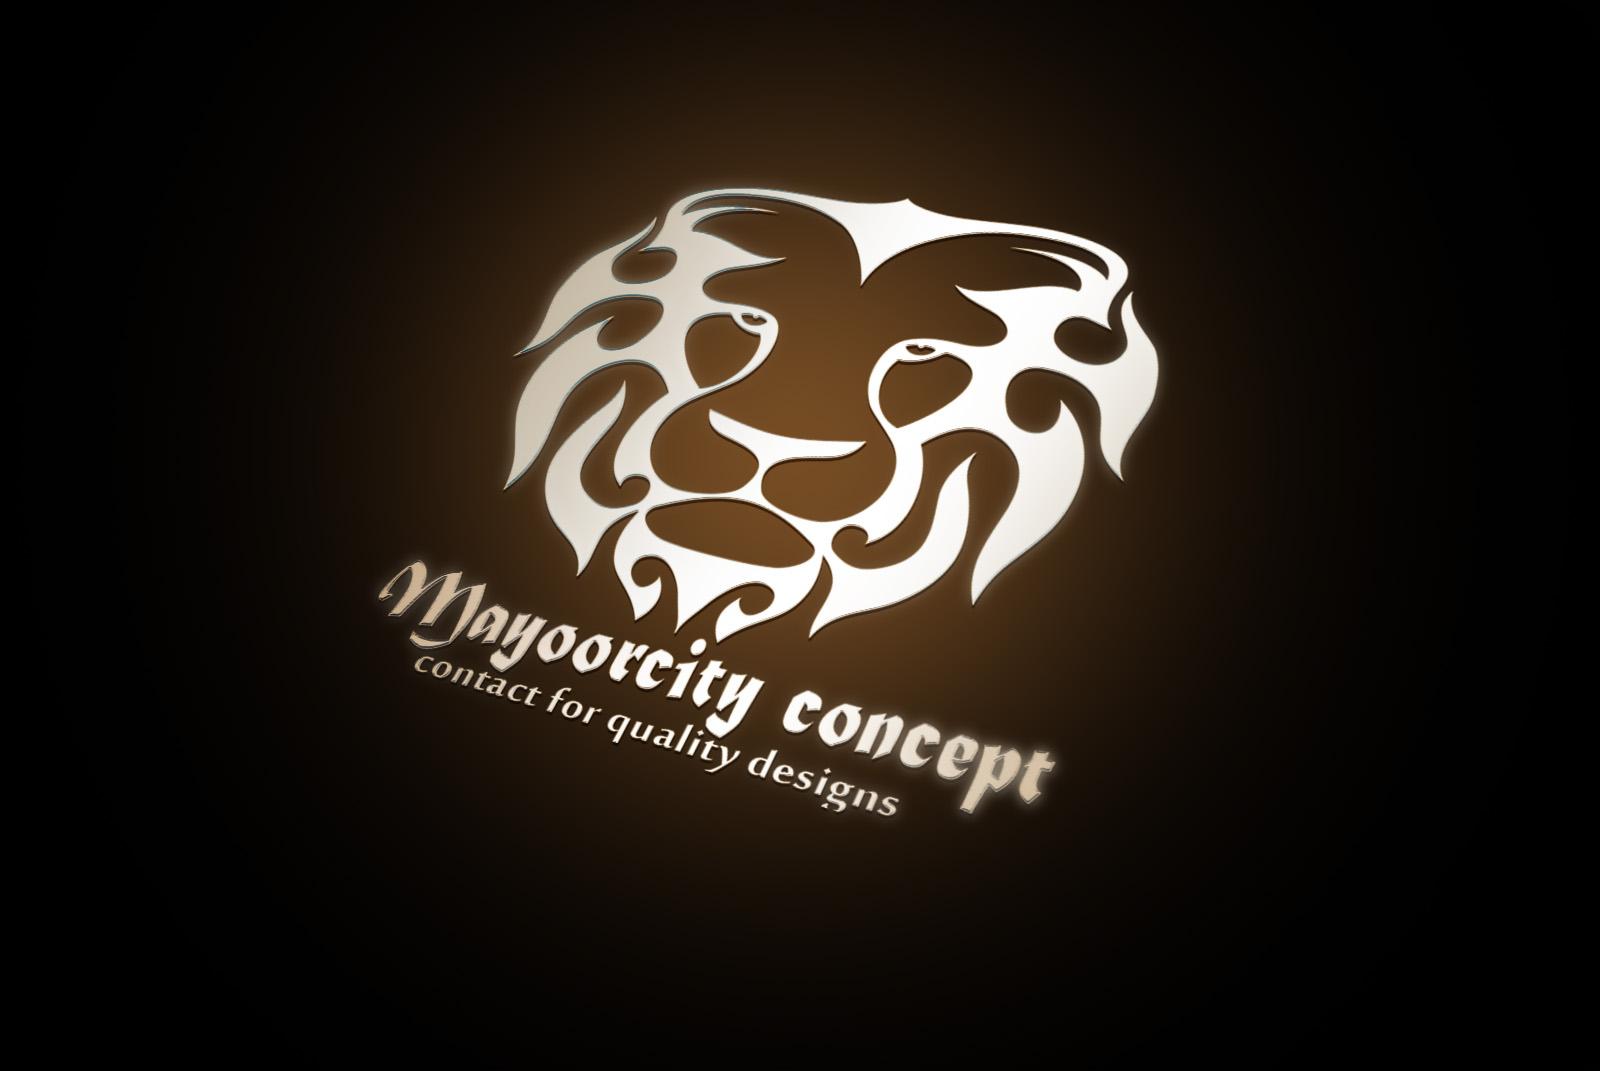 Mayoorcity